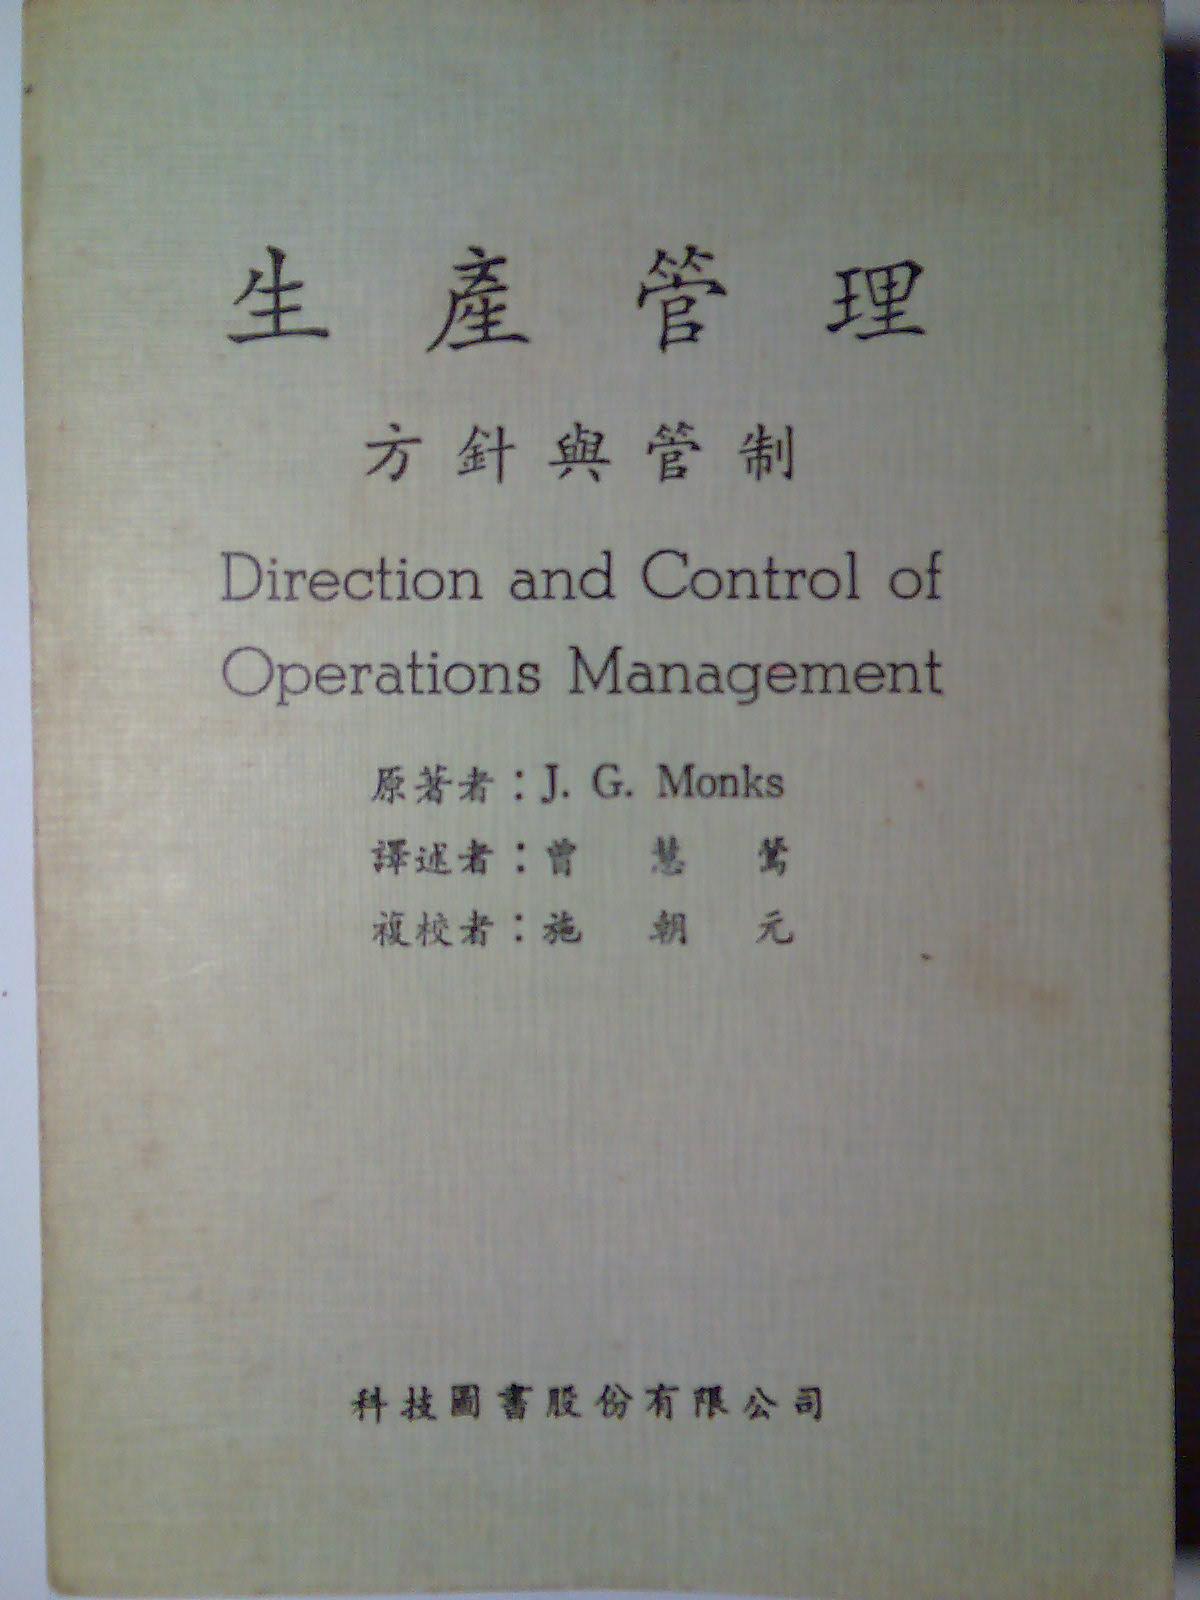 生產管理方針與管制